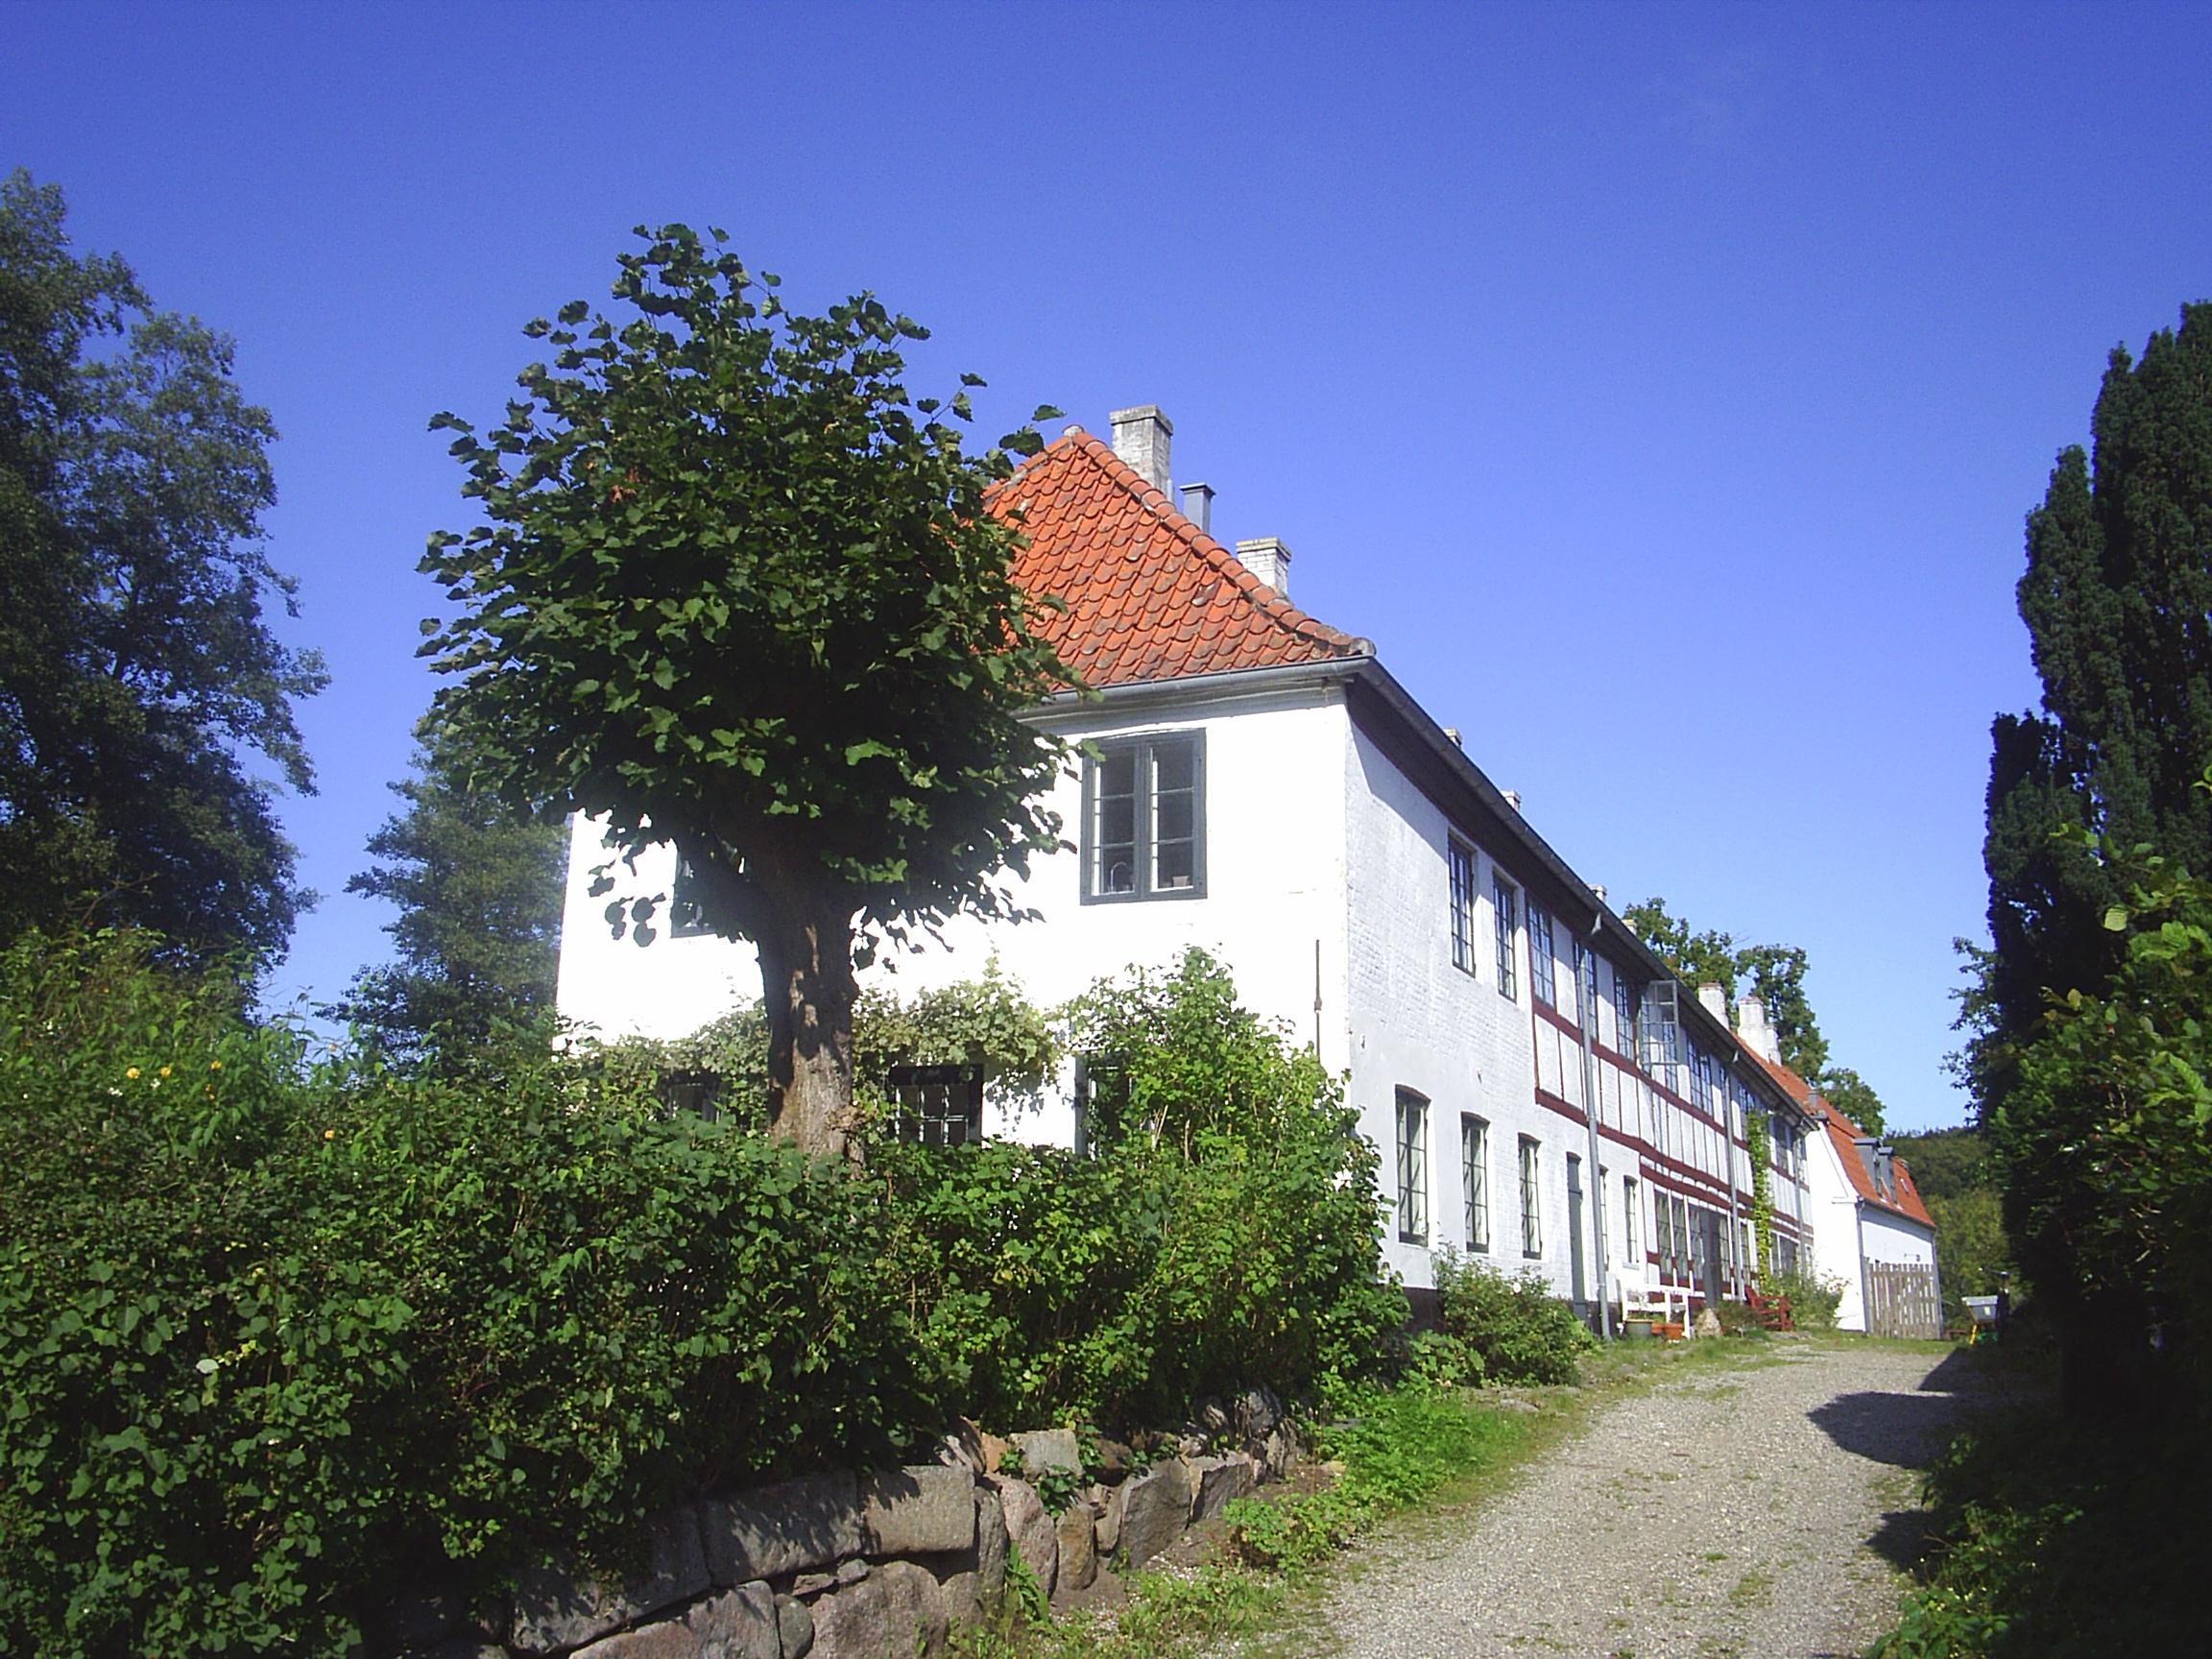 Raadvad. Mølleådalen. Tidligere fabriksboliger. Foto sept. 2008